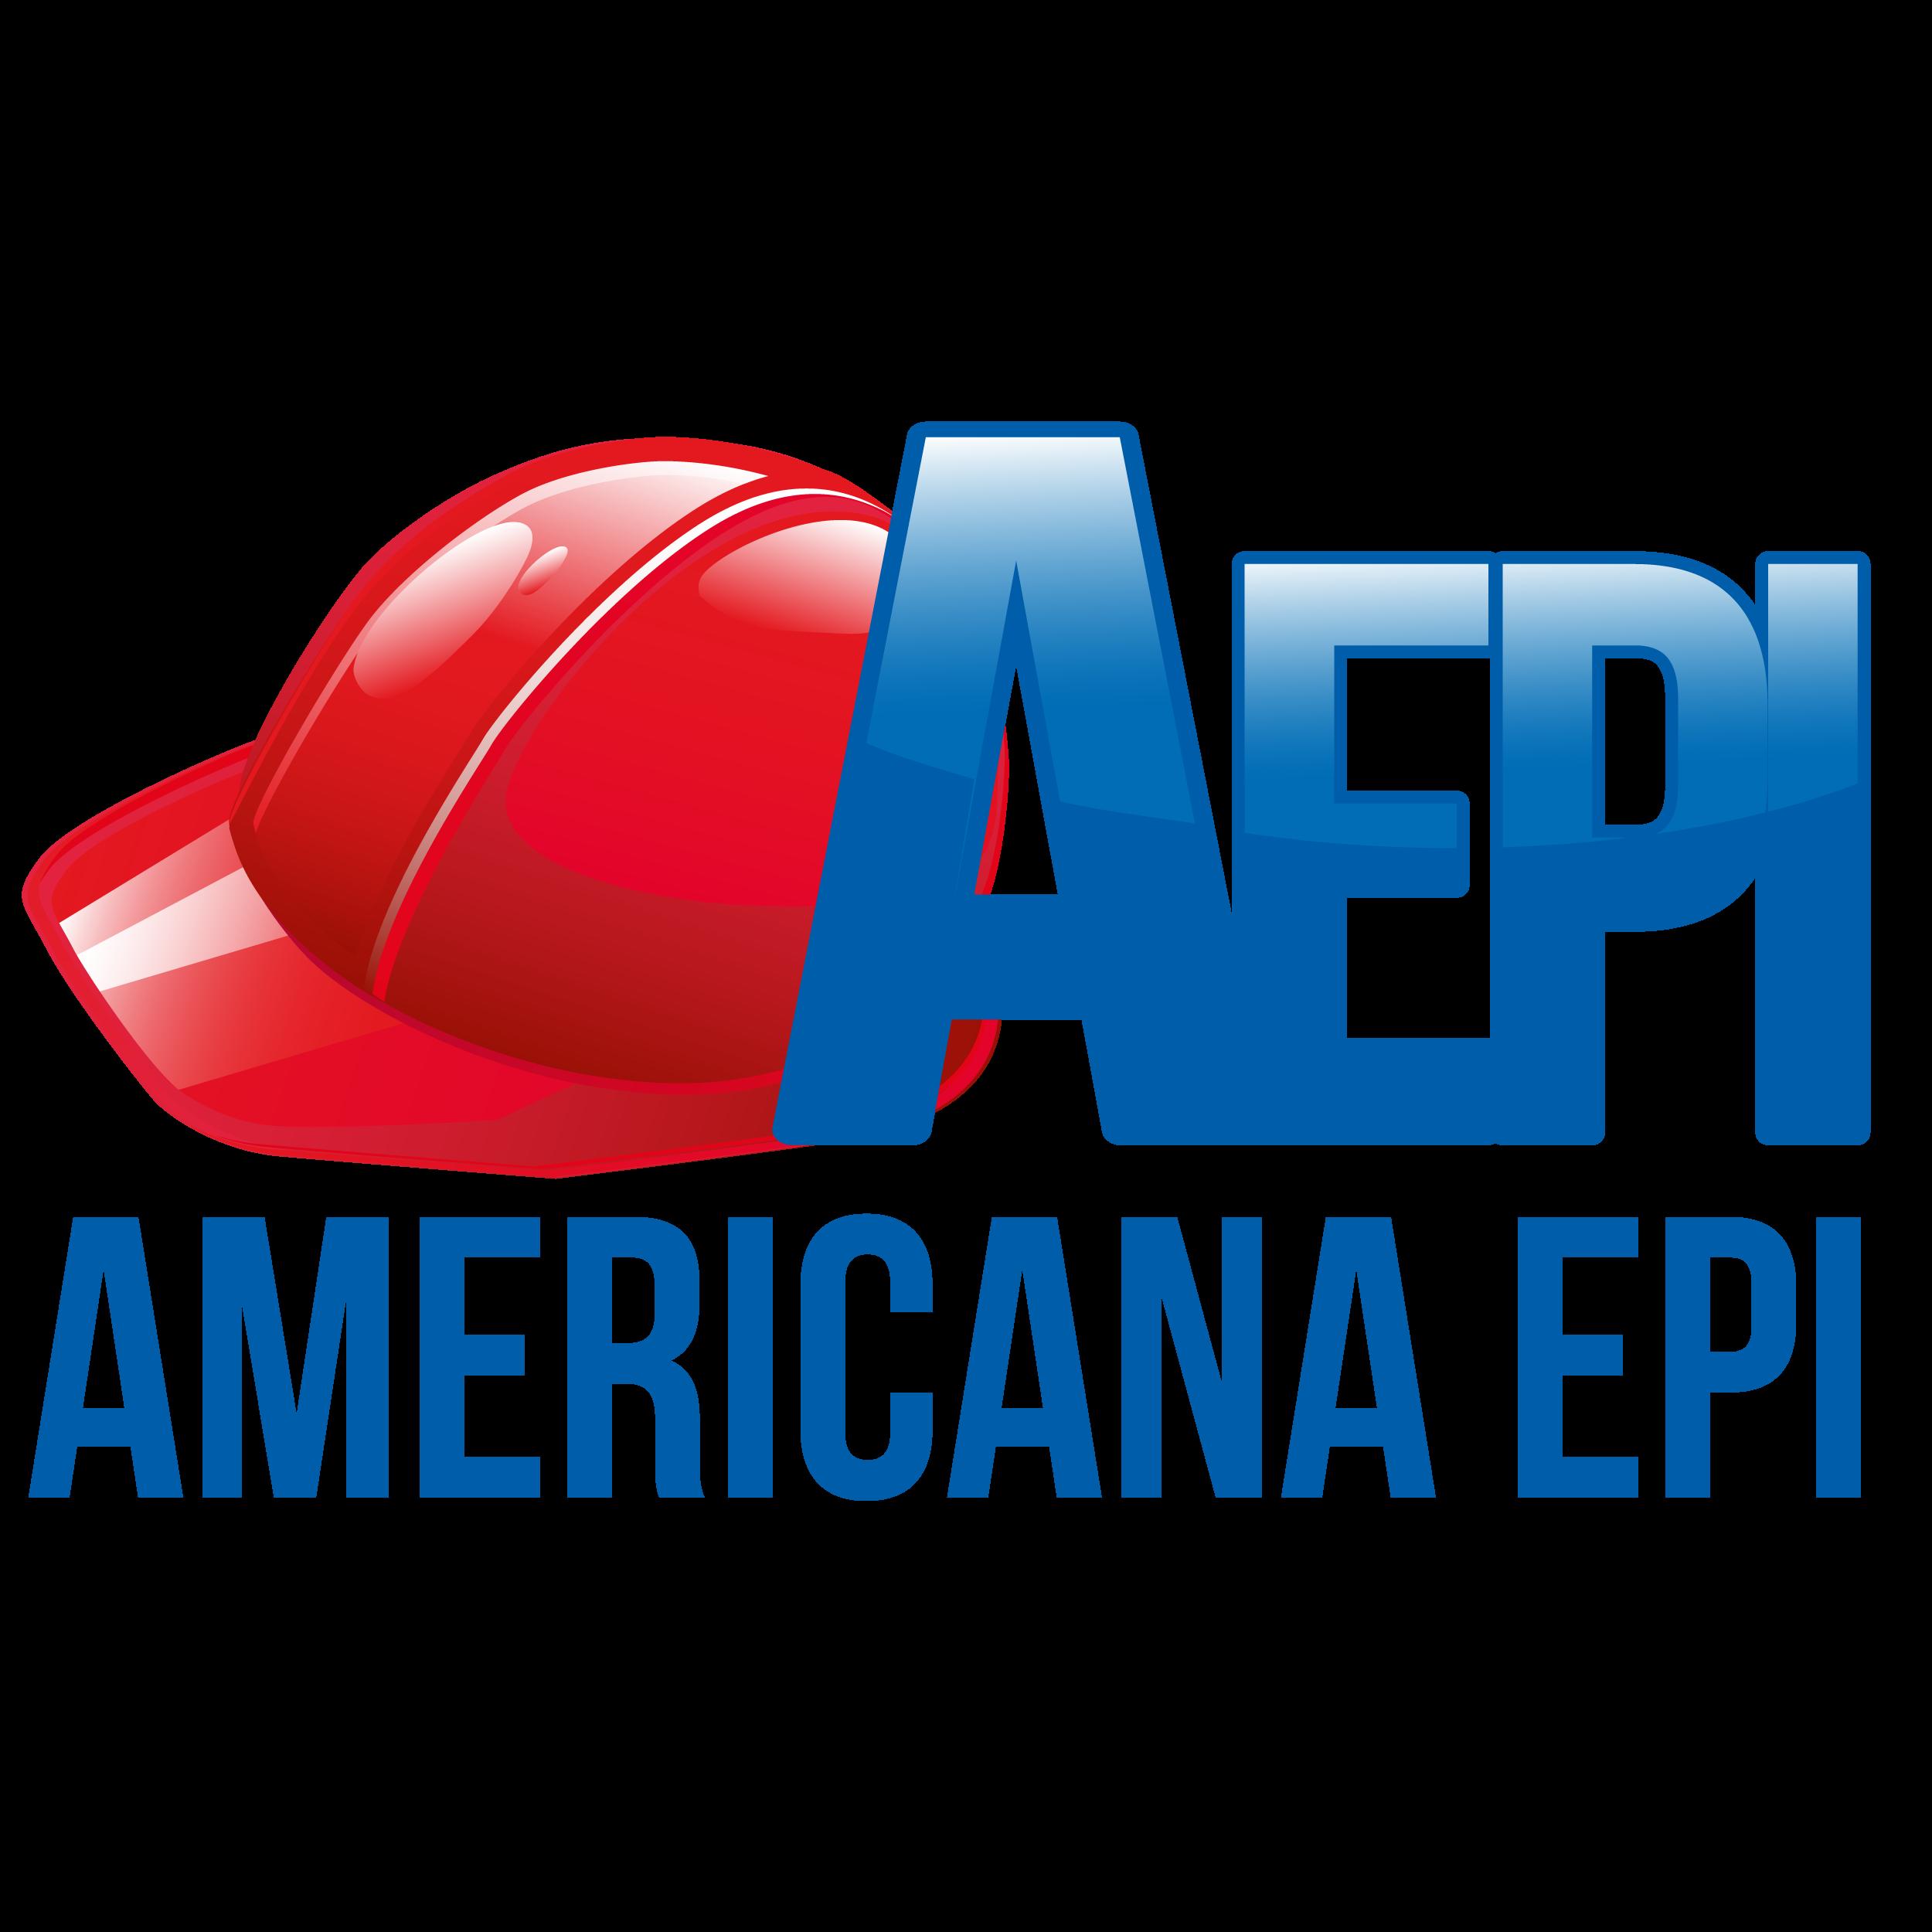 Americana EPI – Sua Segurança é Nossa Prioridade! - Empresa Especialista em Comércio de EPI & EPC